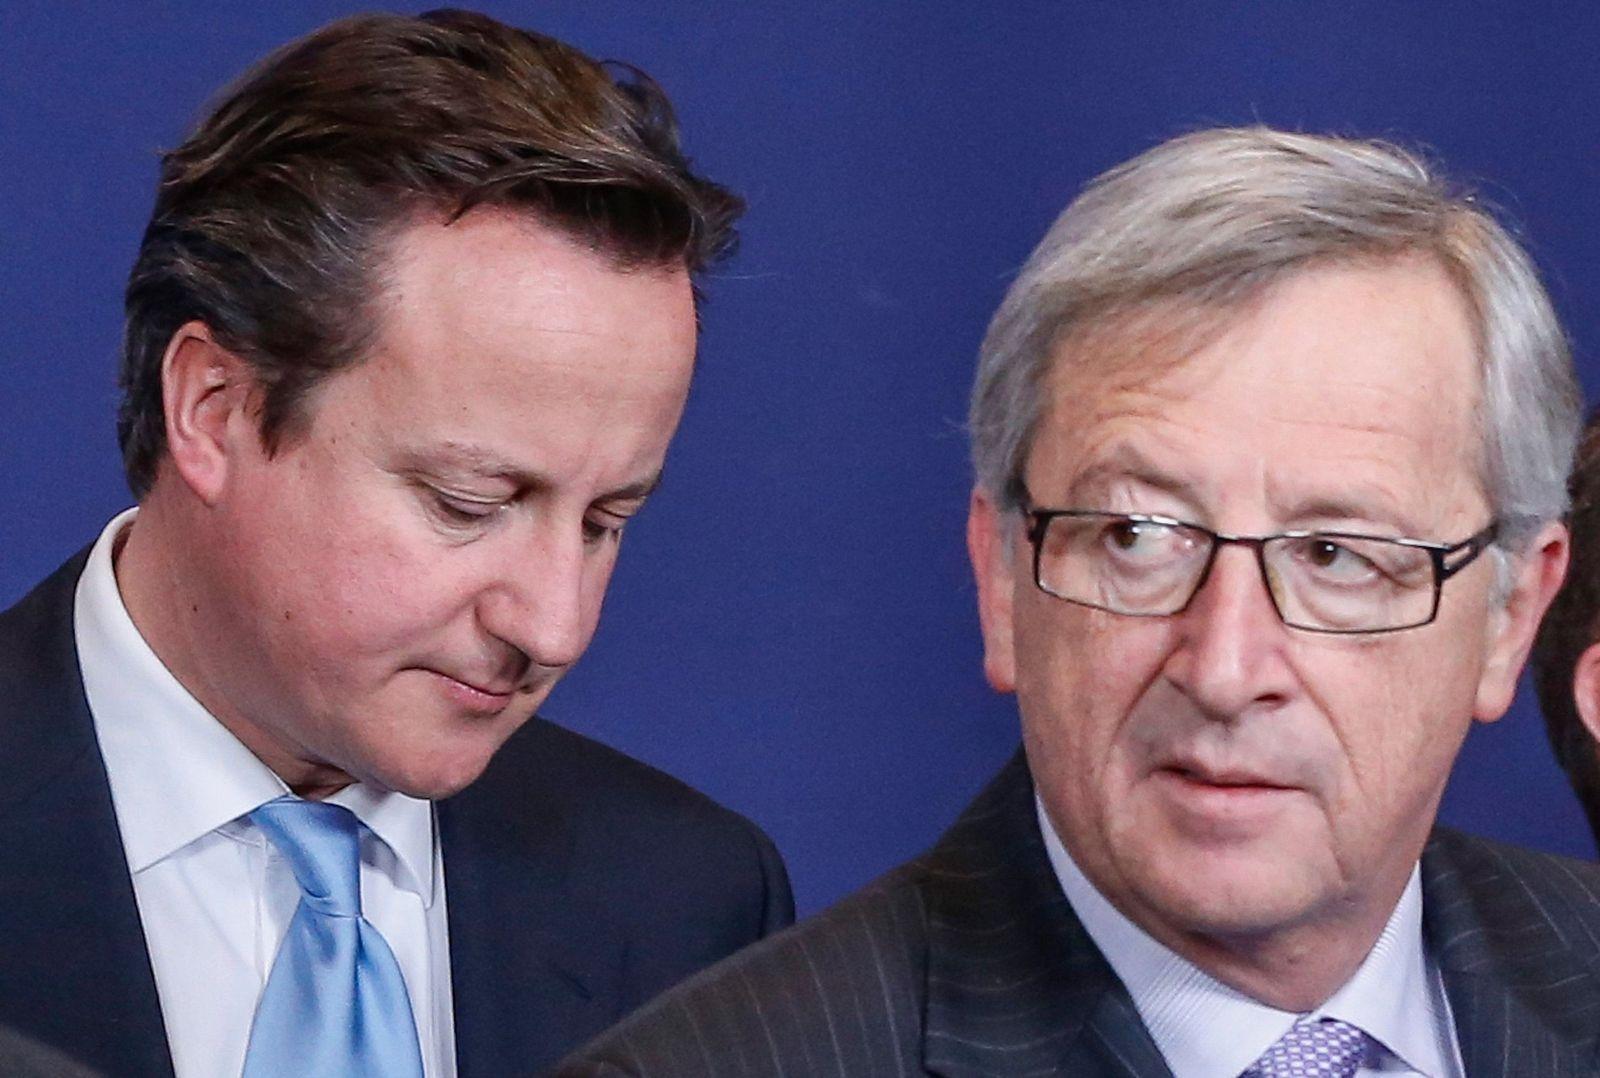 David Cameron / Jean-Claude Juncker